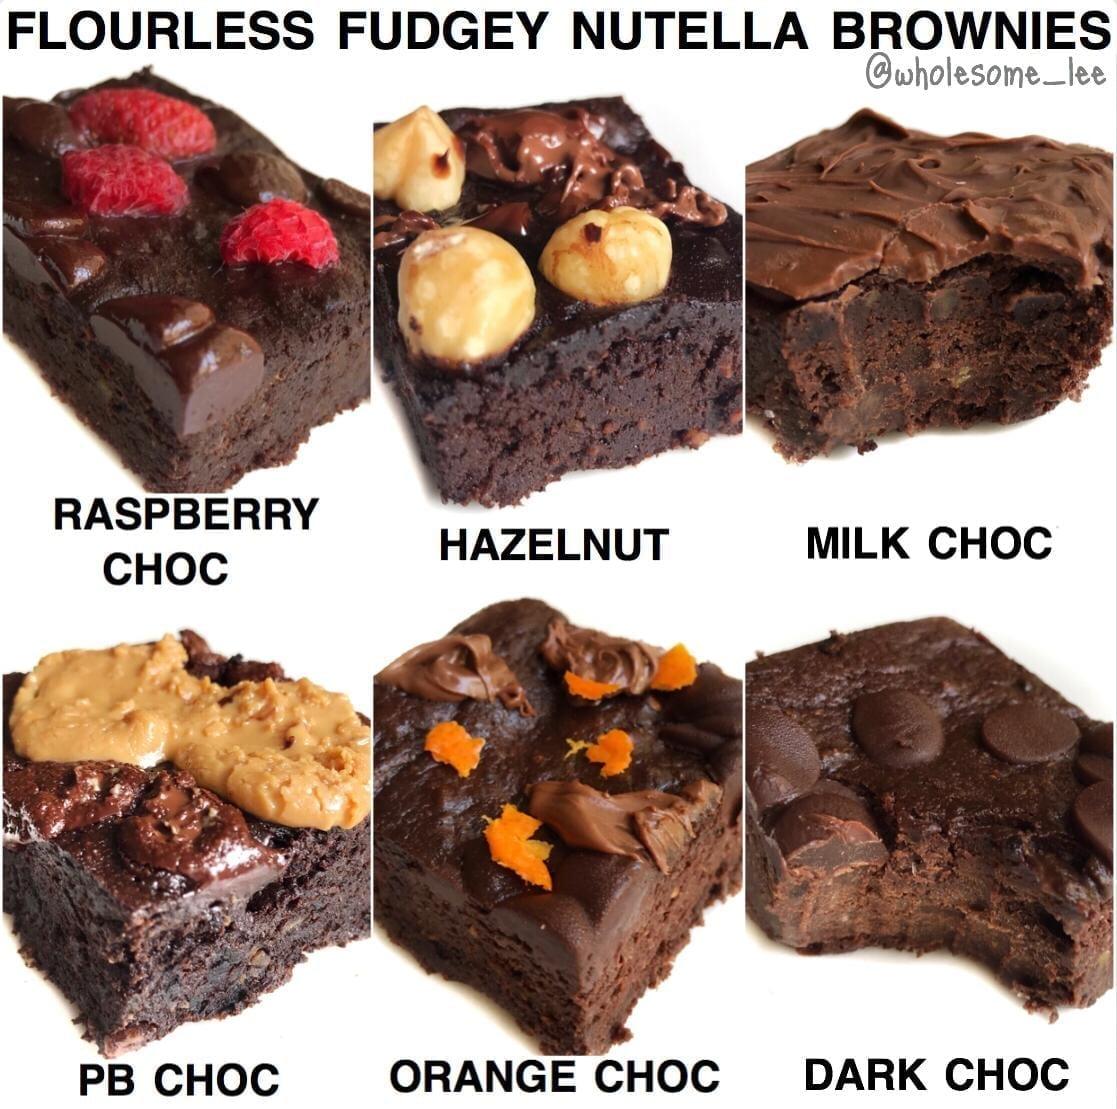 Flourless Fudgey Nutella Brownies